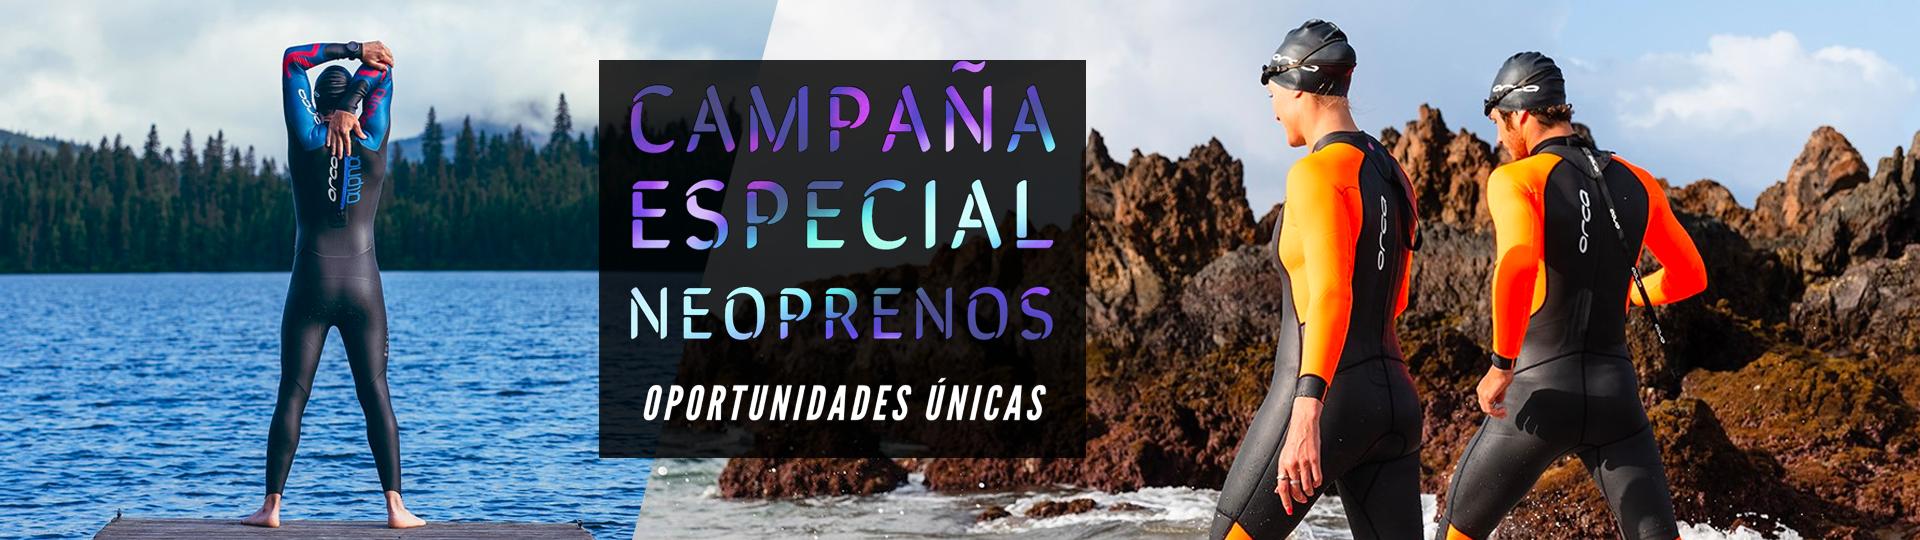 CAMPAÑA DE NEOPRENOS JULIO